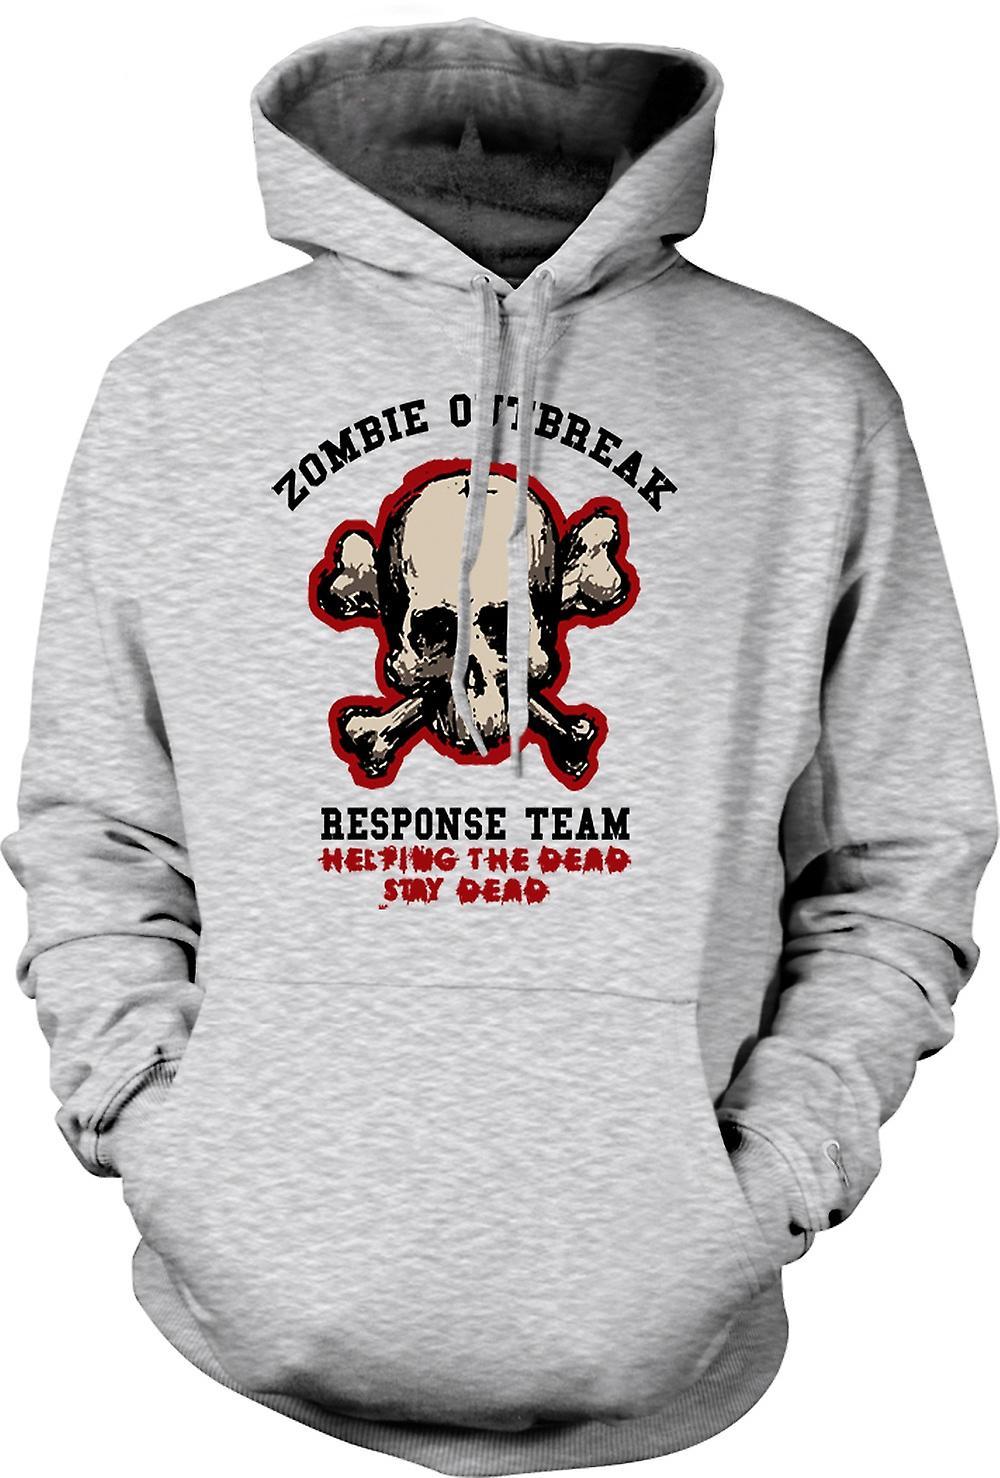 Mens Hoodie - reactie van de uitbraak van de Zombie - Funny